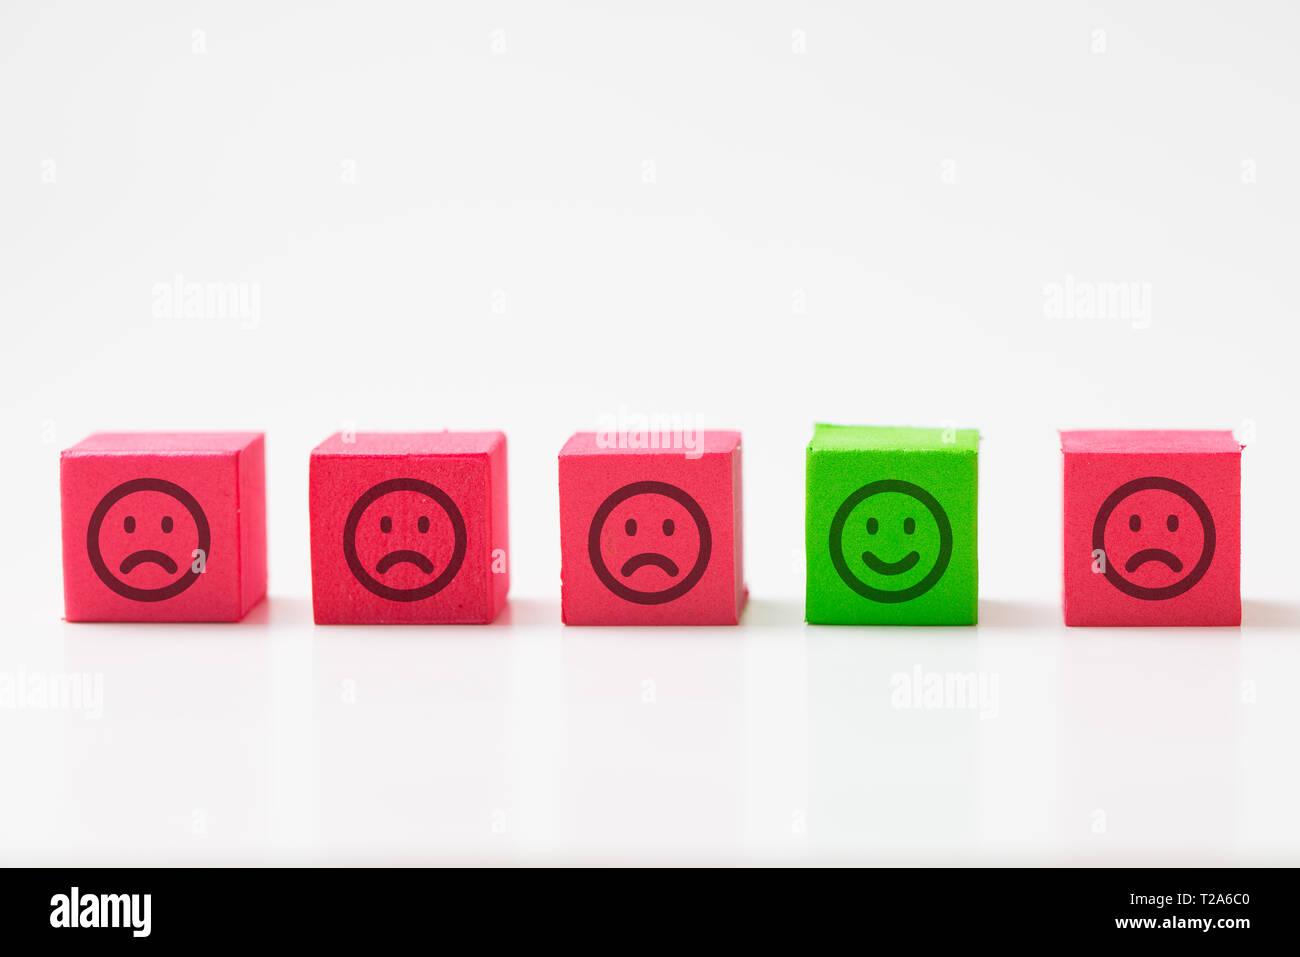 Unique, optimiste, bonheur, différence concept en utilisant seul visage heureux entre de nombreux visages tristes. Photo Stock